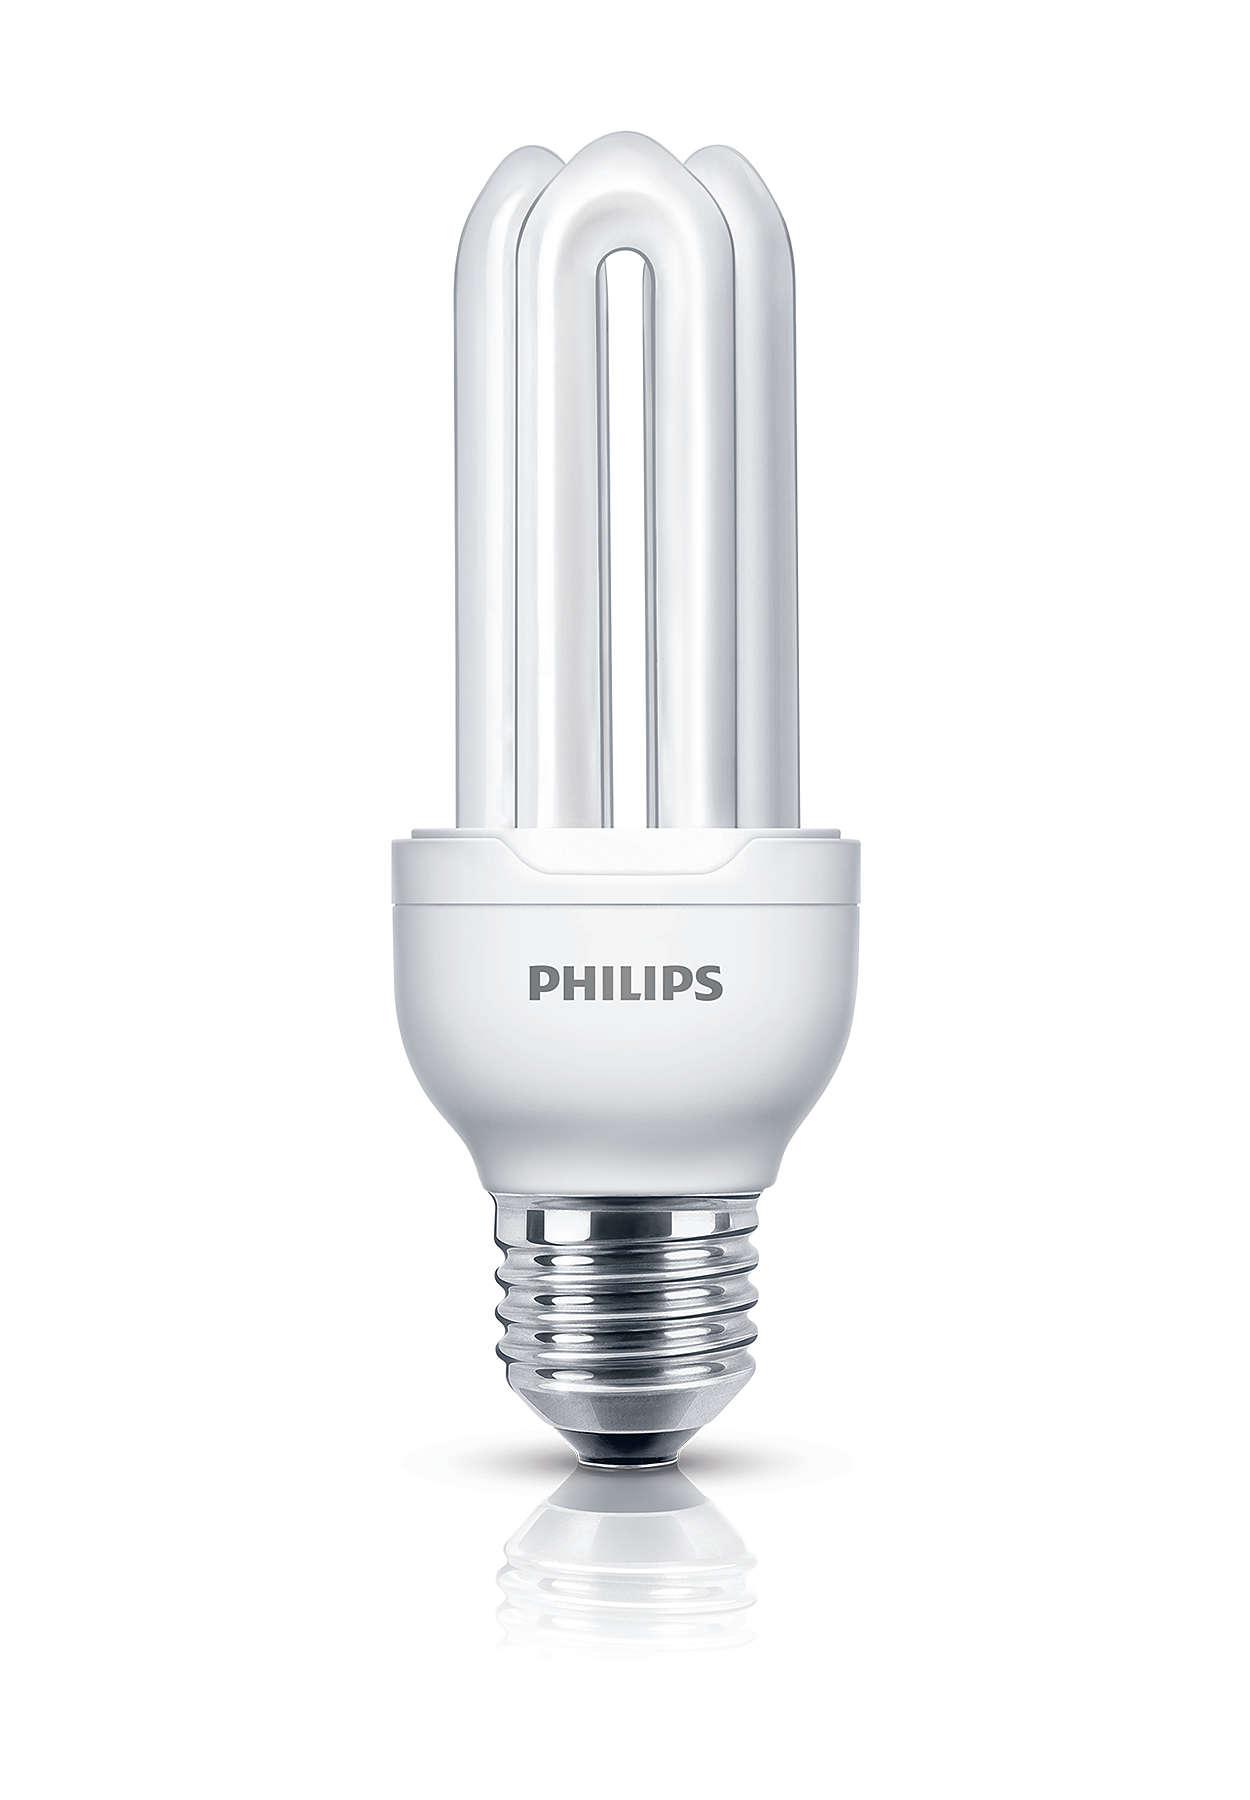 Luz branca brilhante com alta performance